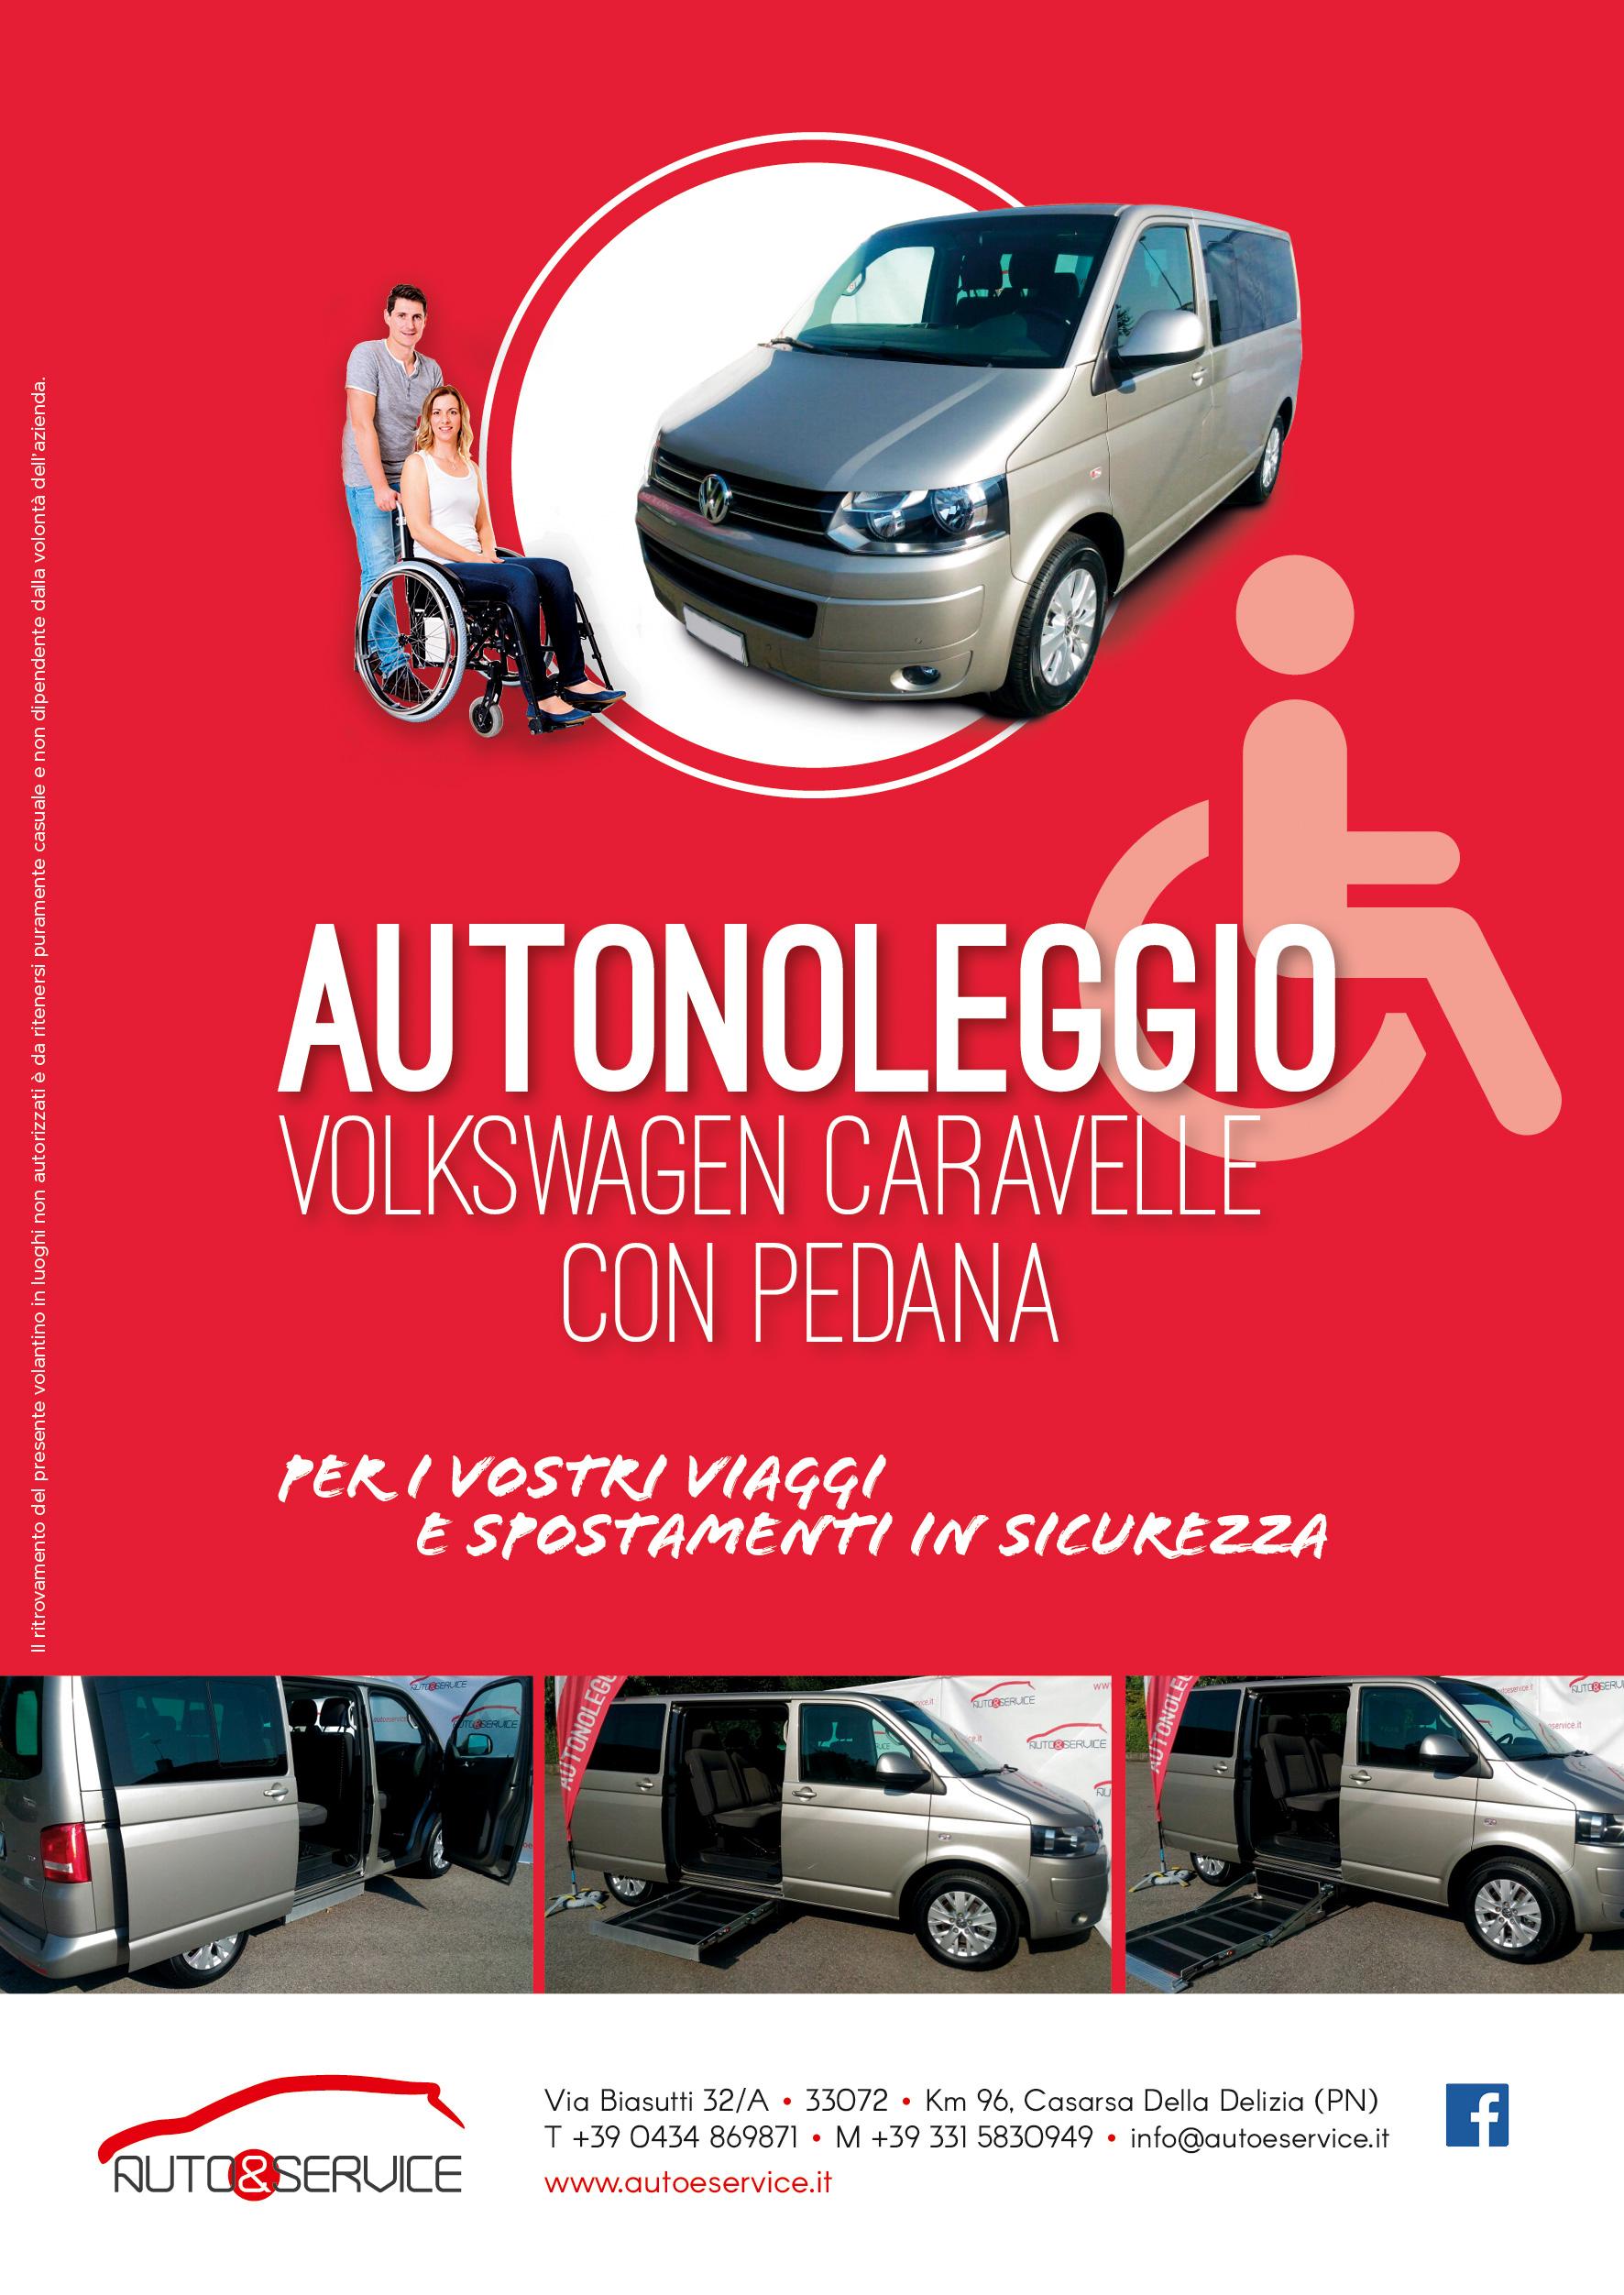 Autonoleggio_Disabili_Auto & service_A5